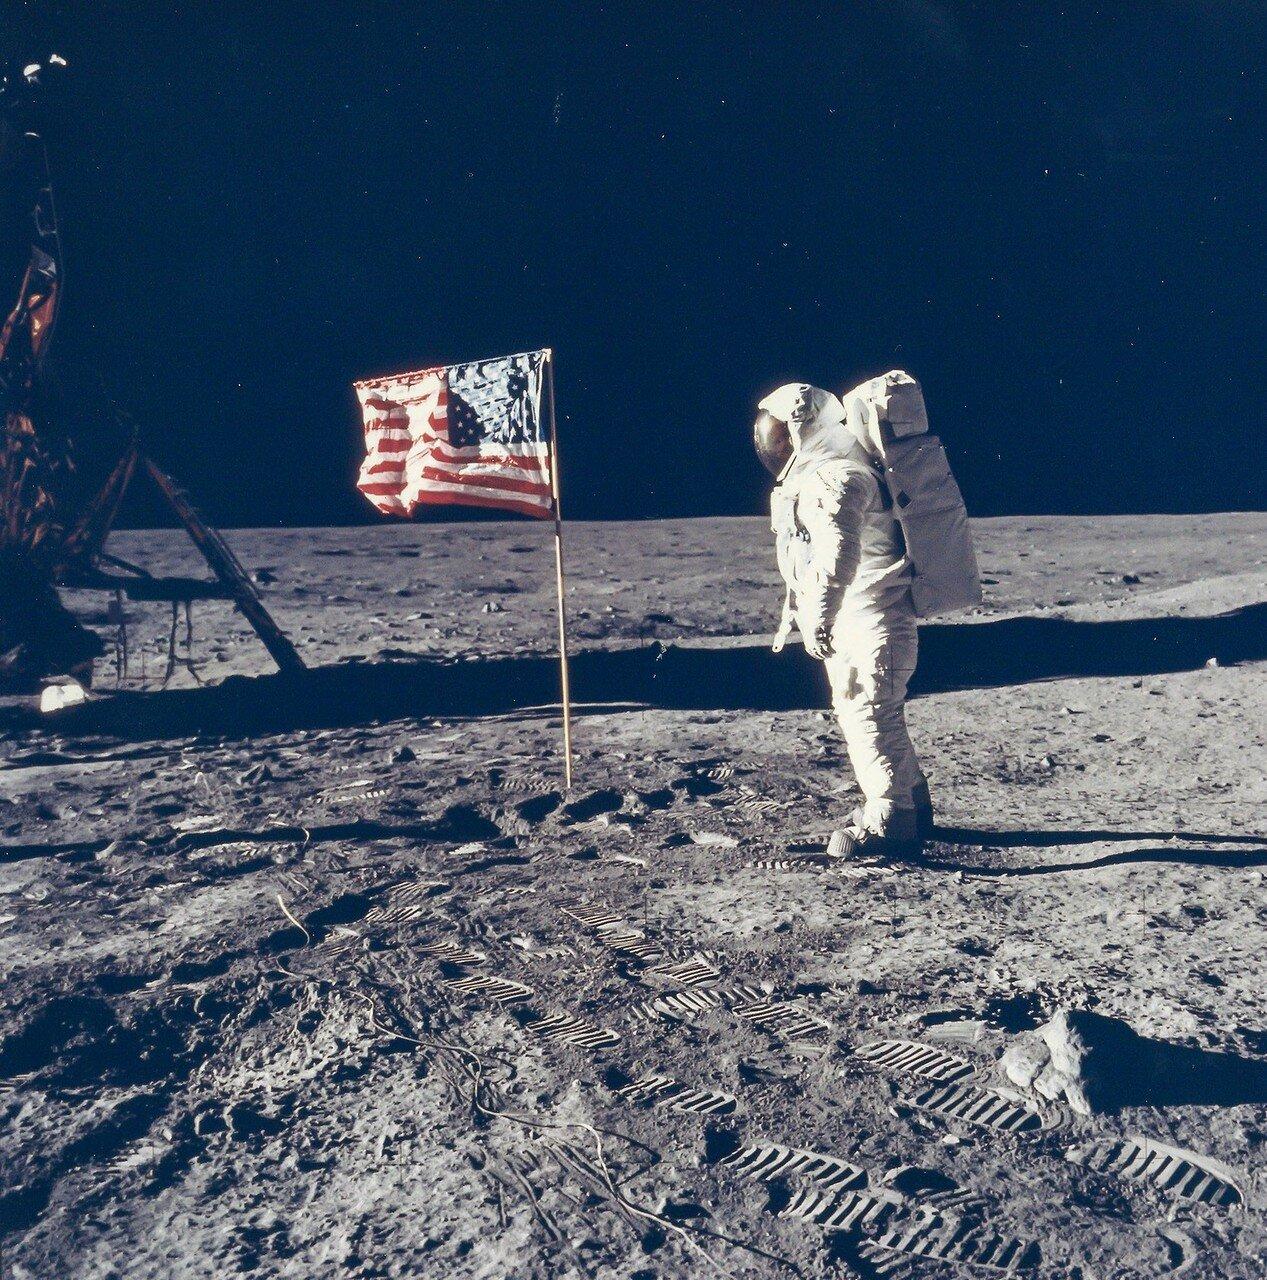 Телескопический флагшток заело, и он не выдвинулся на полную длину. На снимке: Базз Олдрин позирует фотографу рядом с флагом США